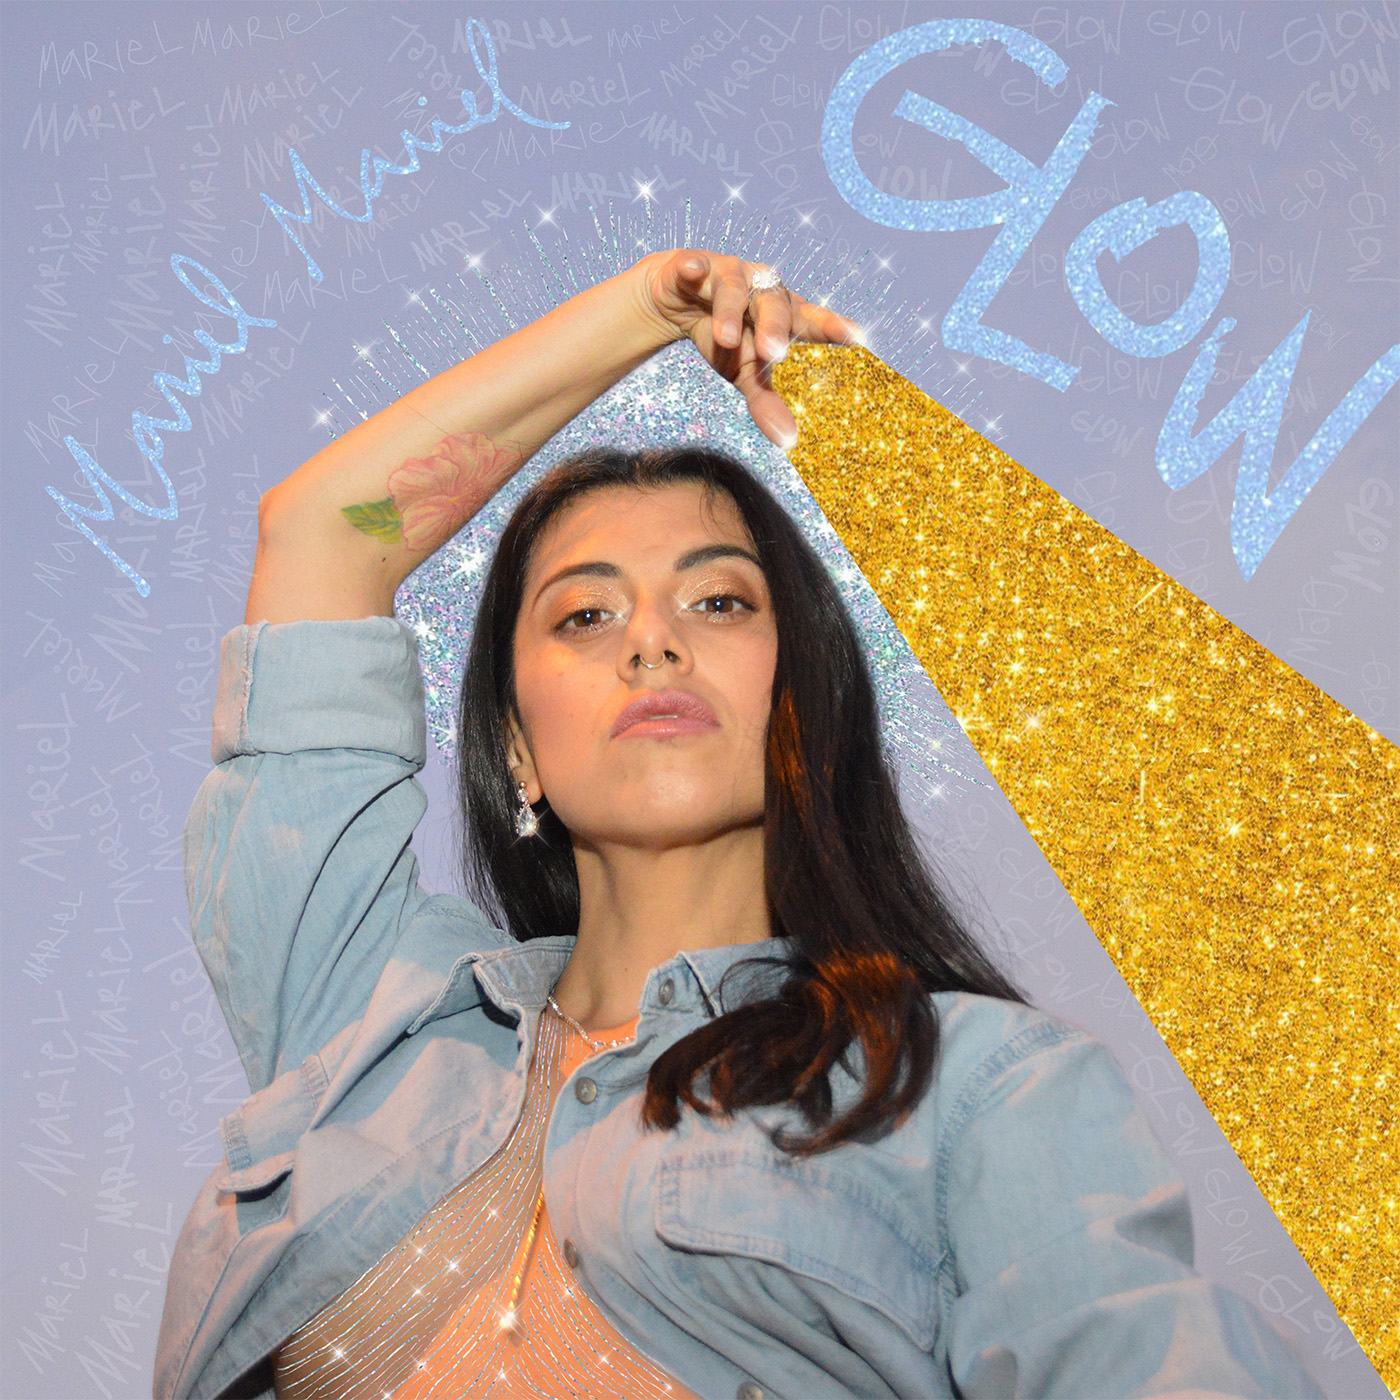 """Mariel Mariel nos contagia de optimismo y buena vibra junto a Cerveza Sol en su nuevo sencillo, """"GLOW"""""""